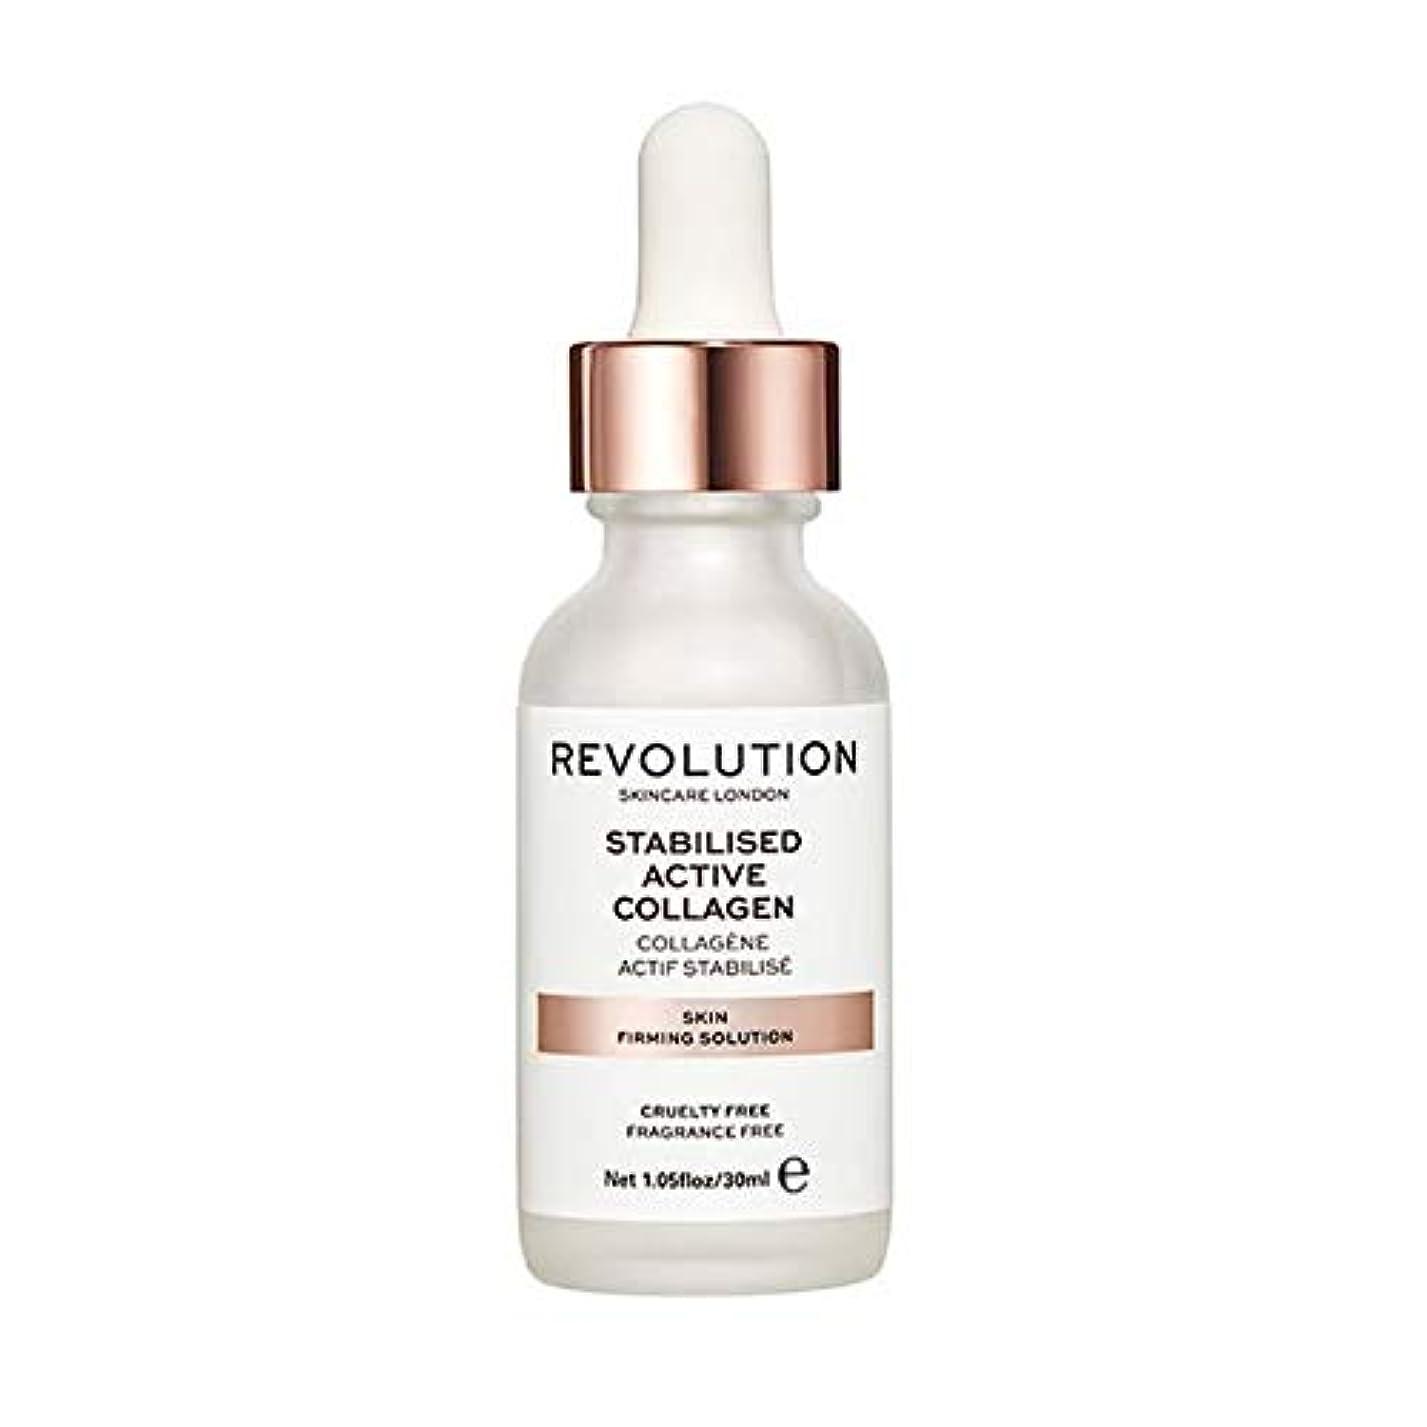 重量成長する士気[Revolution ] 革命スキンケア肌の引き締めソリューション - Revolution Skincare Skin Firming Solution [並行輸入品]